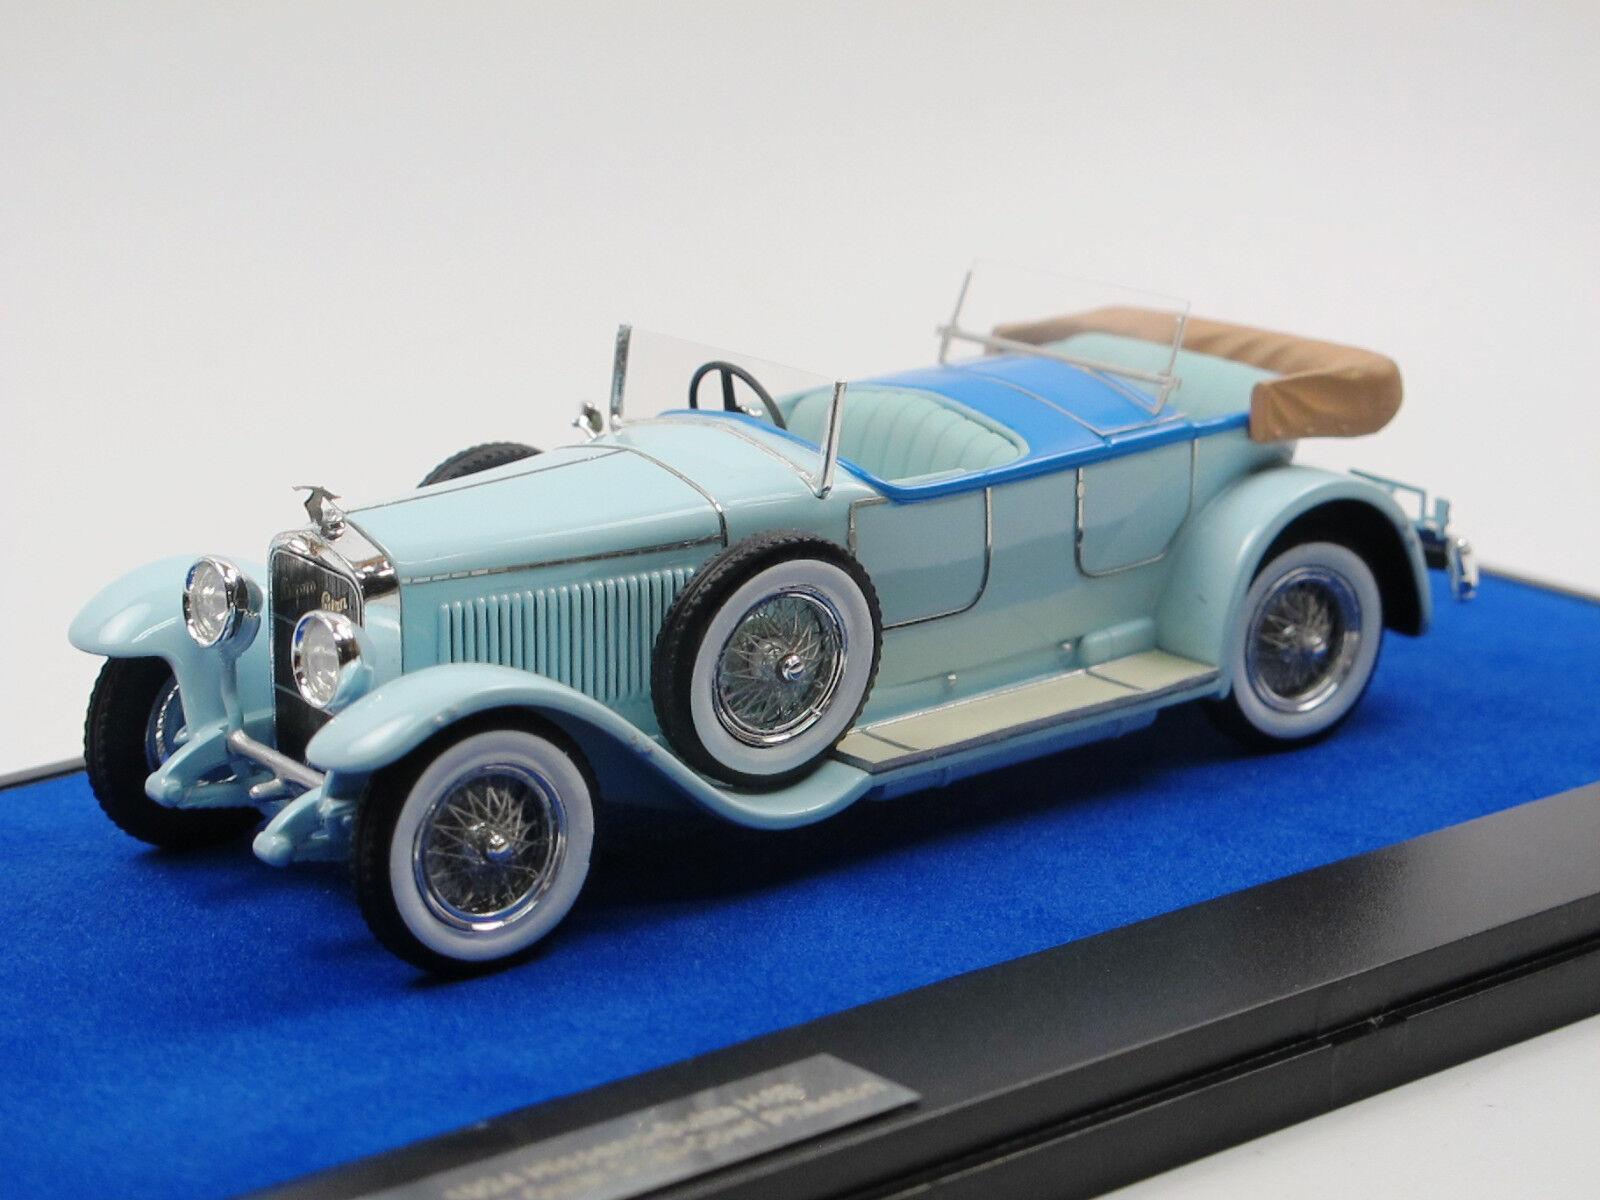 Matriz 1924 Hispano-Suiza h6b millón-guiet dual Cowl Phaeton 1 43 Limited